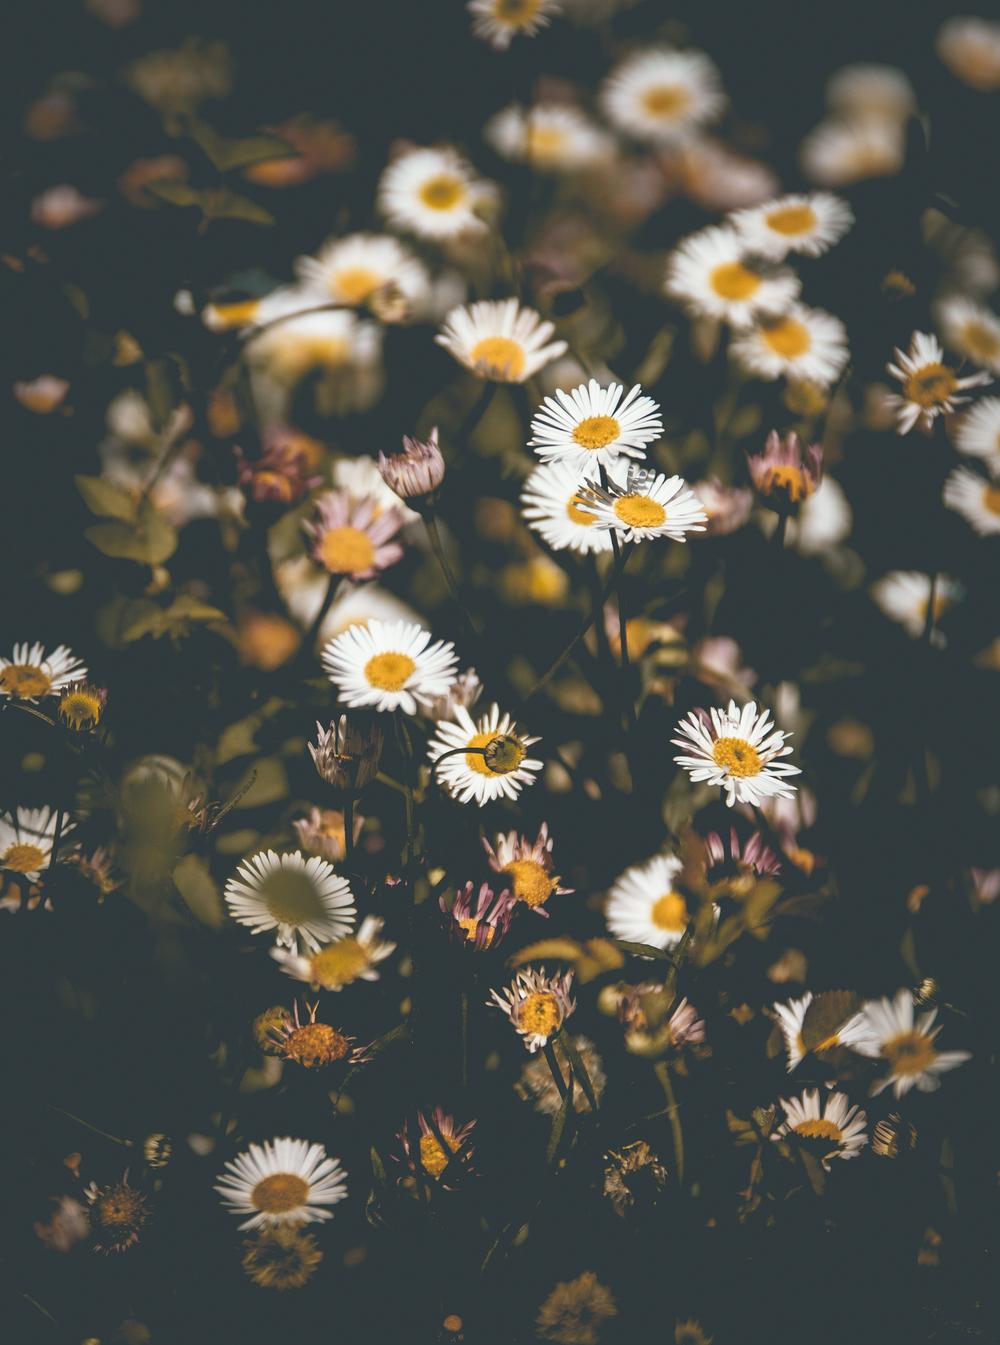 Flowers-00878.jpg